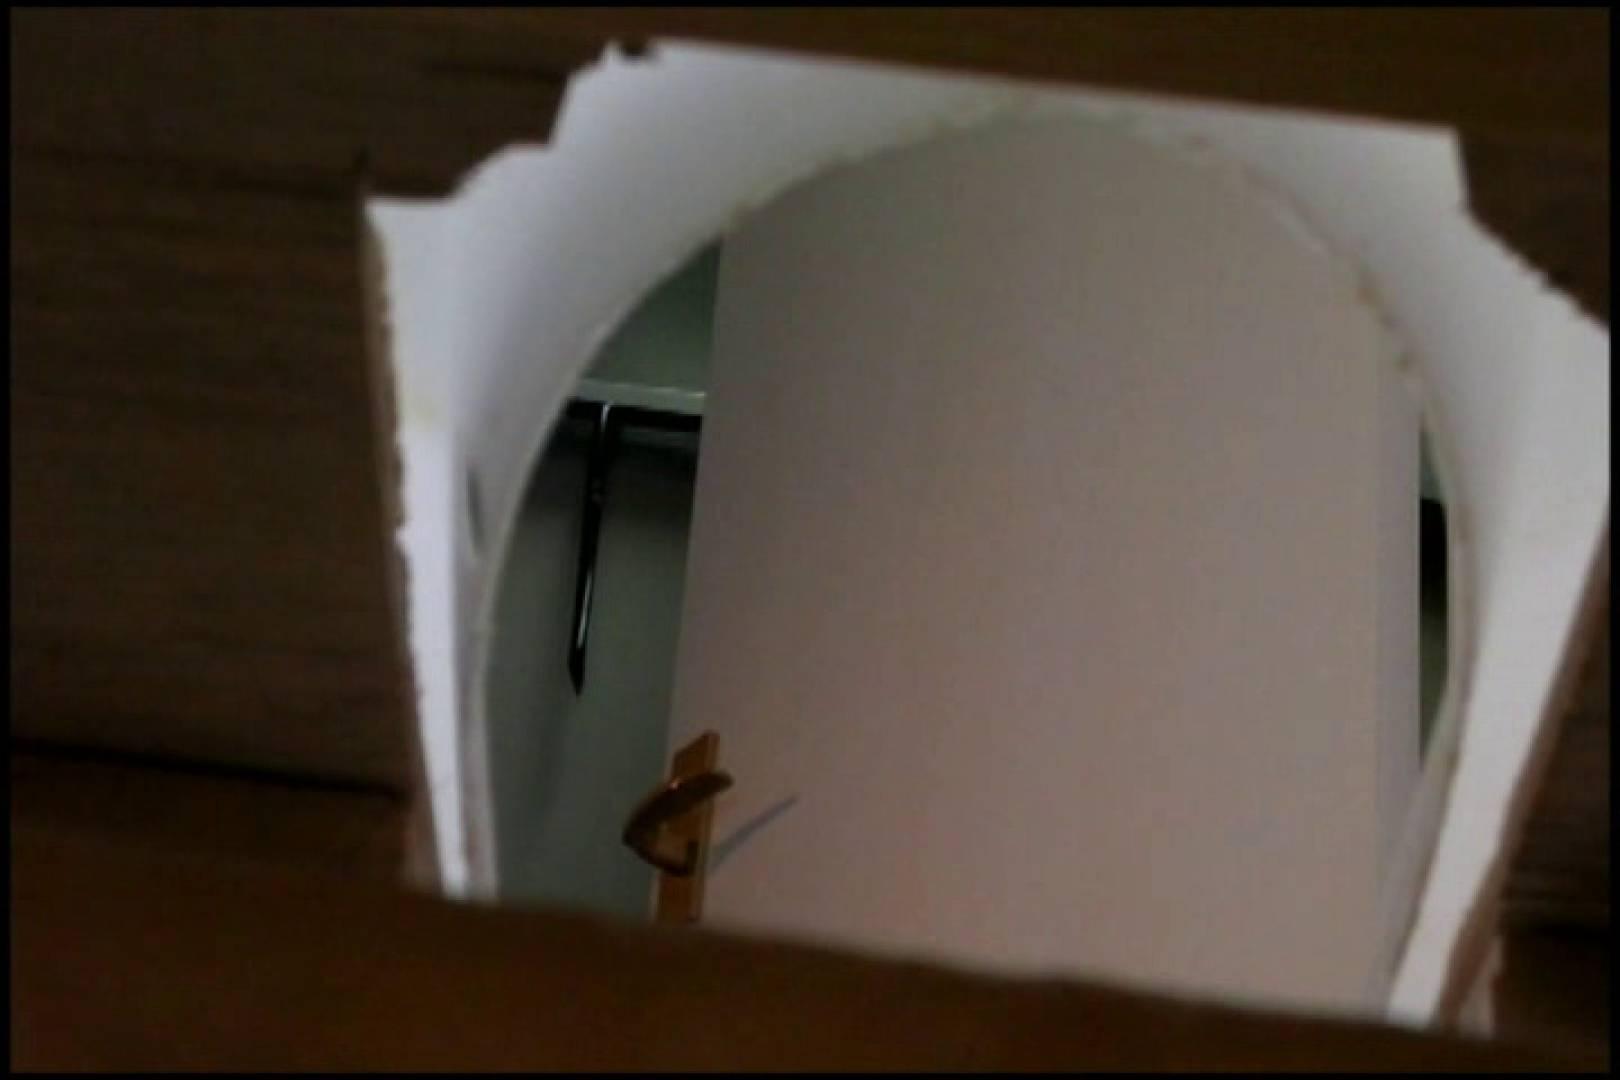 和式にまたがる女たちを待ちうけるカメラの衝撃映像vol.02 リアル黄金水 スケベ動画紹介 83画像 35